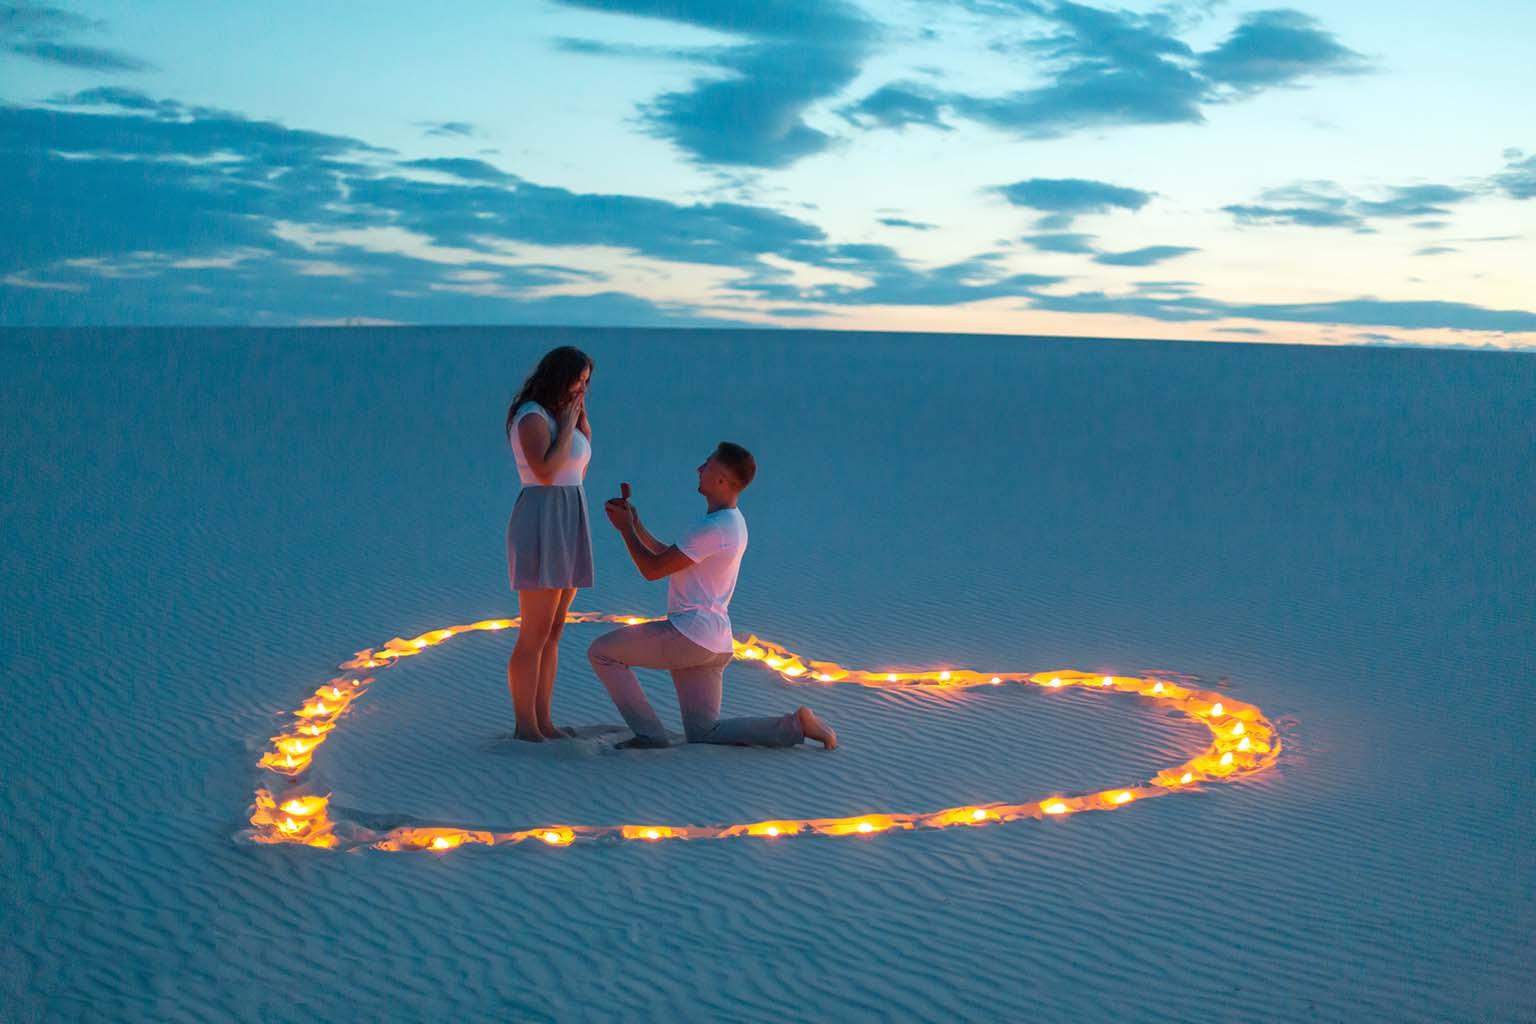 Hombre realiza una propuesta de amor espectacular, arrodillado en la arena dentro de un corazón de fuego